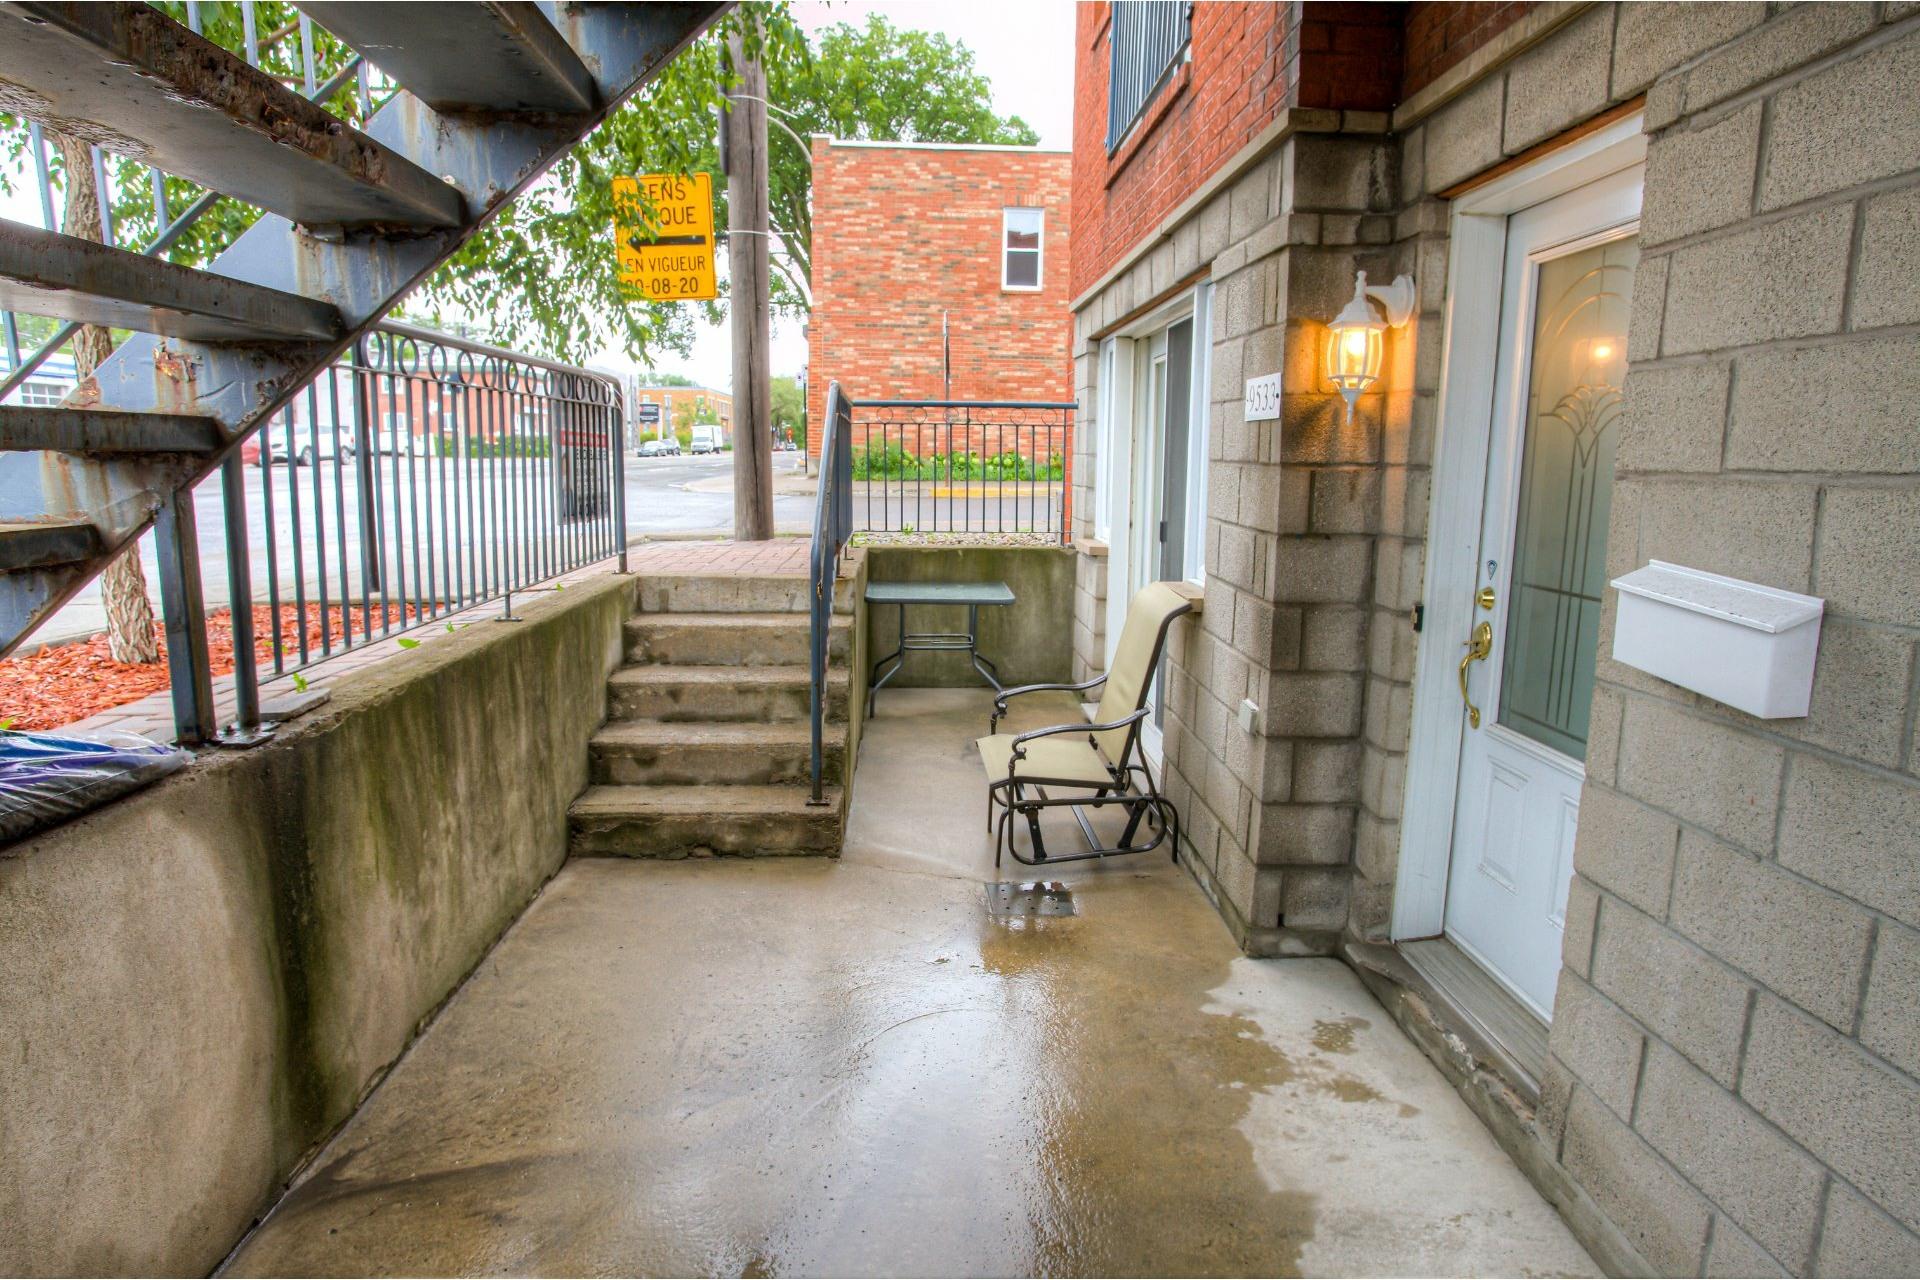 image 17 - Appartement À vendre Mercier/Hochelaga-Maisonneuve Montréal  - 6 pièces